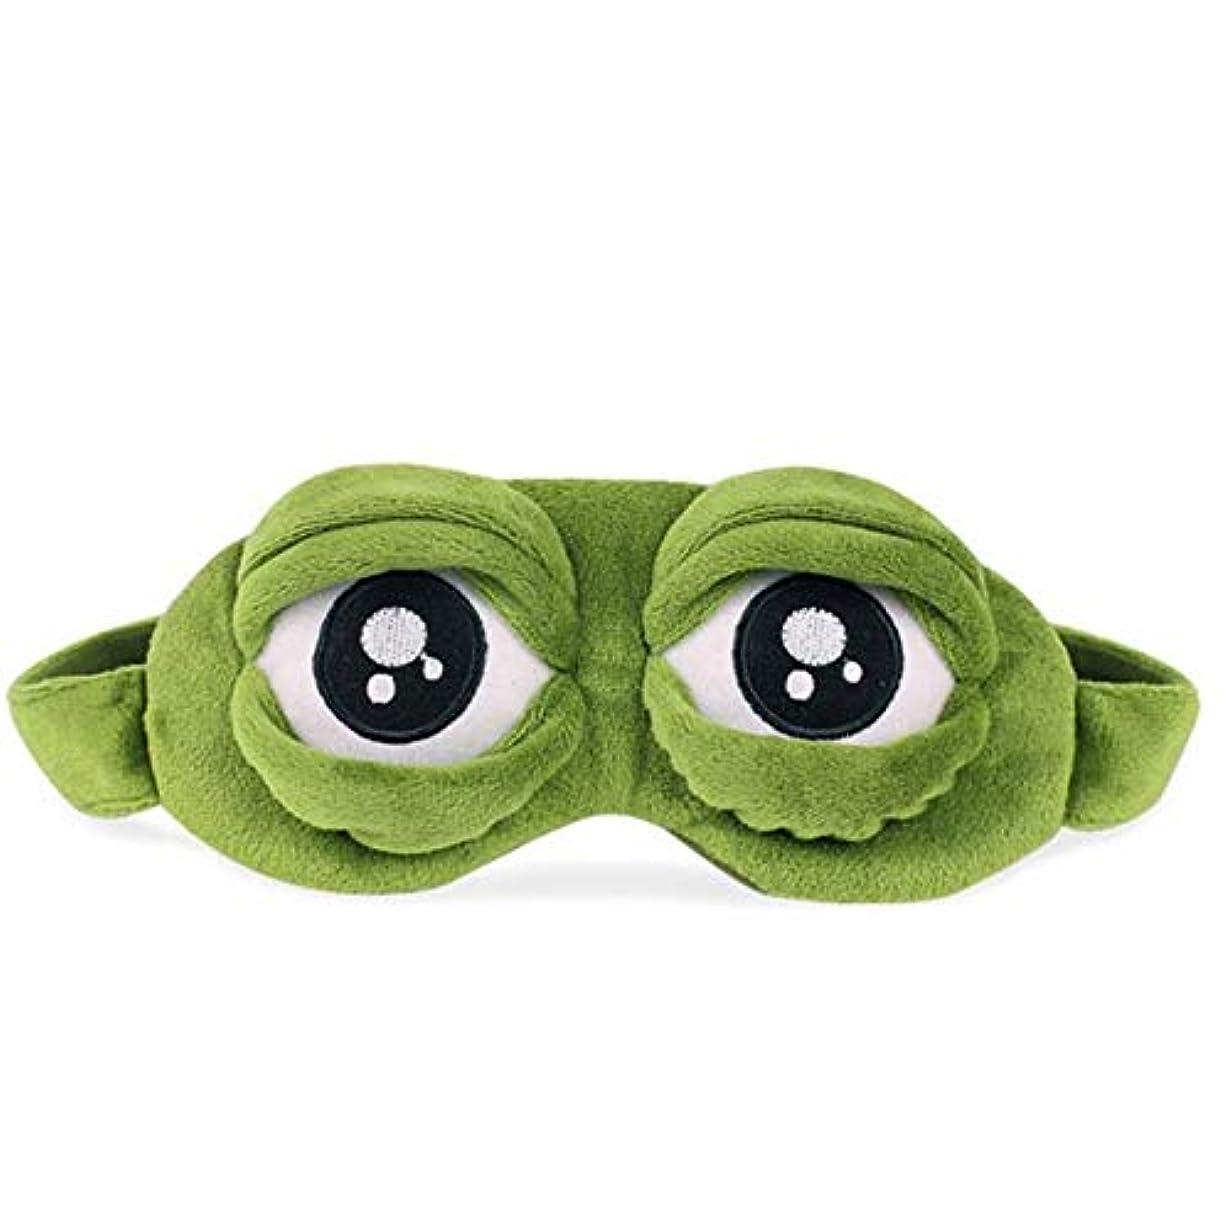 時代遅れ利益ホバートNOTE 2018新しい緑のカエル漫画かわいい目のカバー悲しい3Dアイマスクカバー睡眠残り睡眠アニメ面白いギフト眠っている目40#